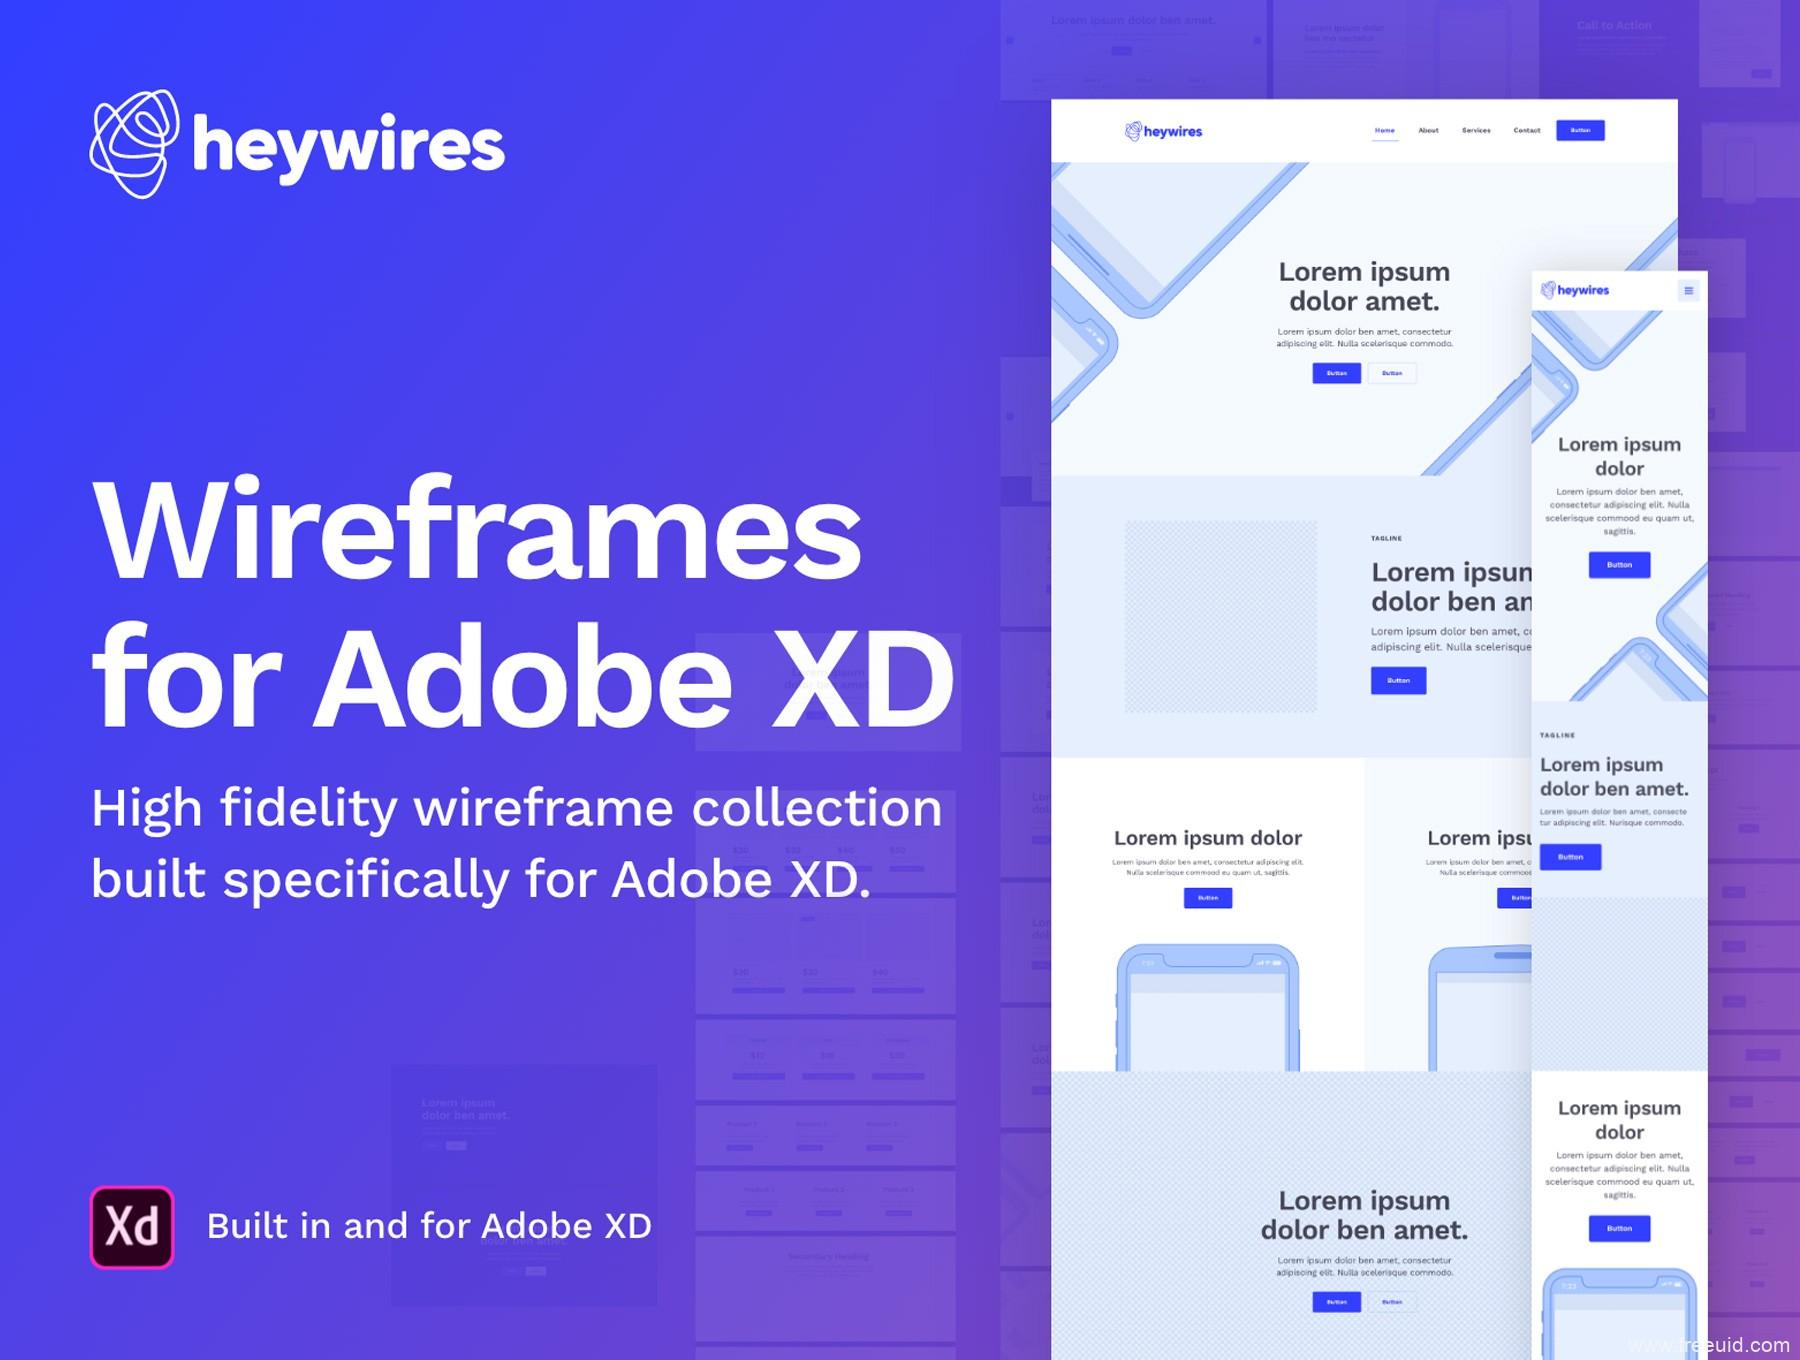 一整套通用网页设计原型图xd源文件下载,wireframes原型图xd源文件